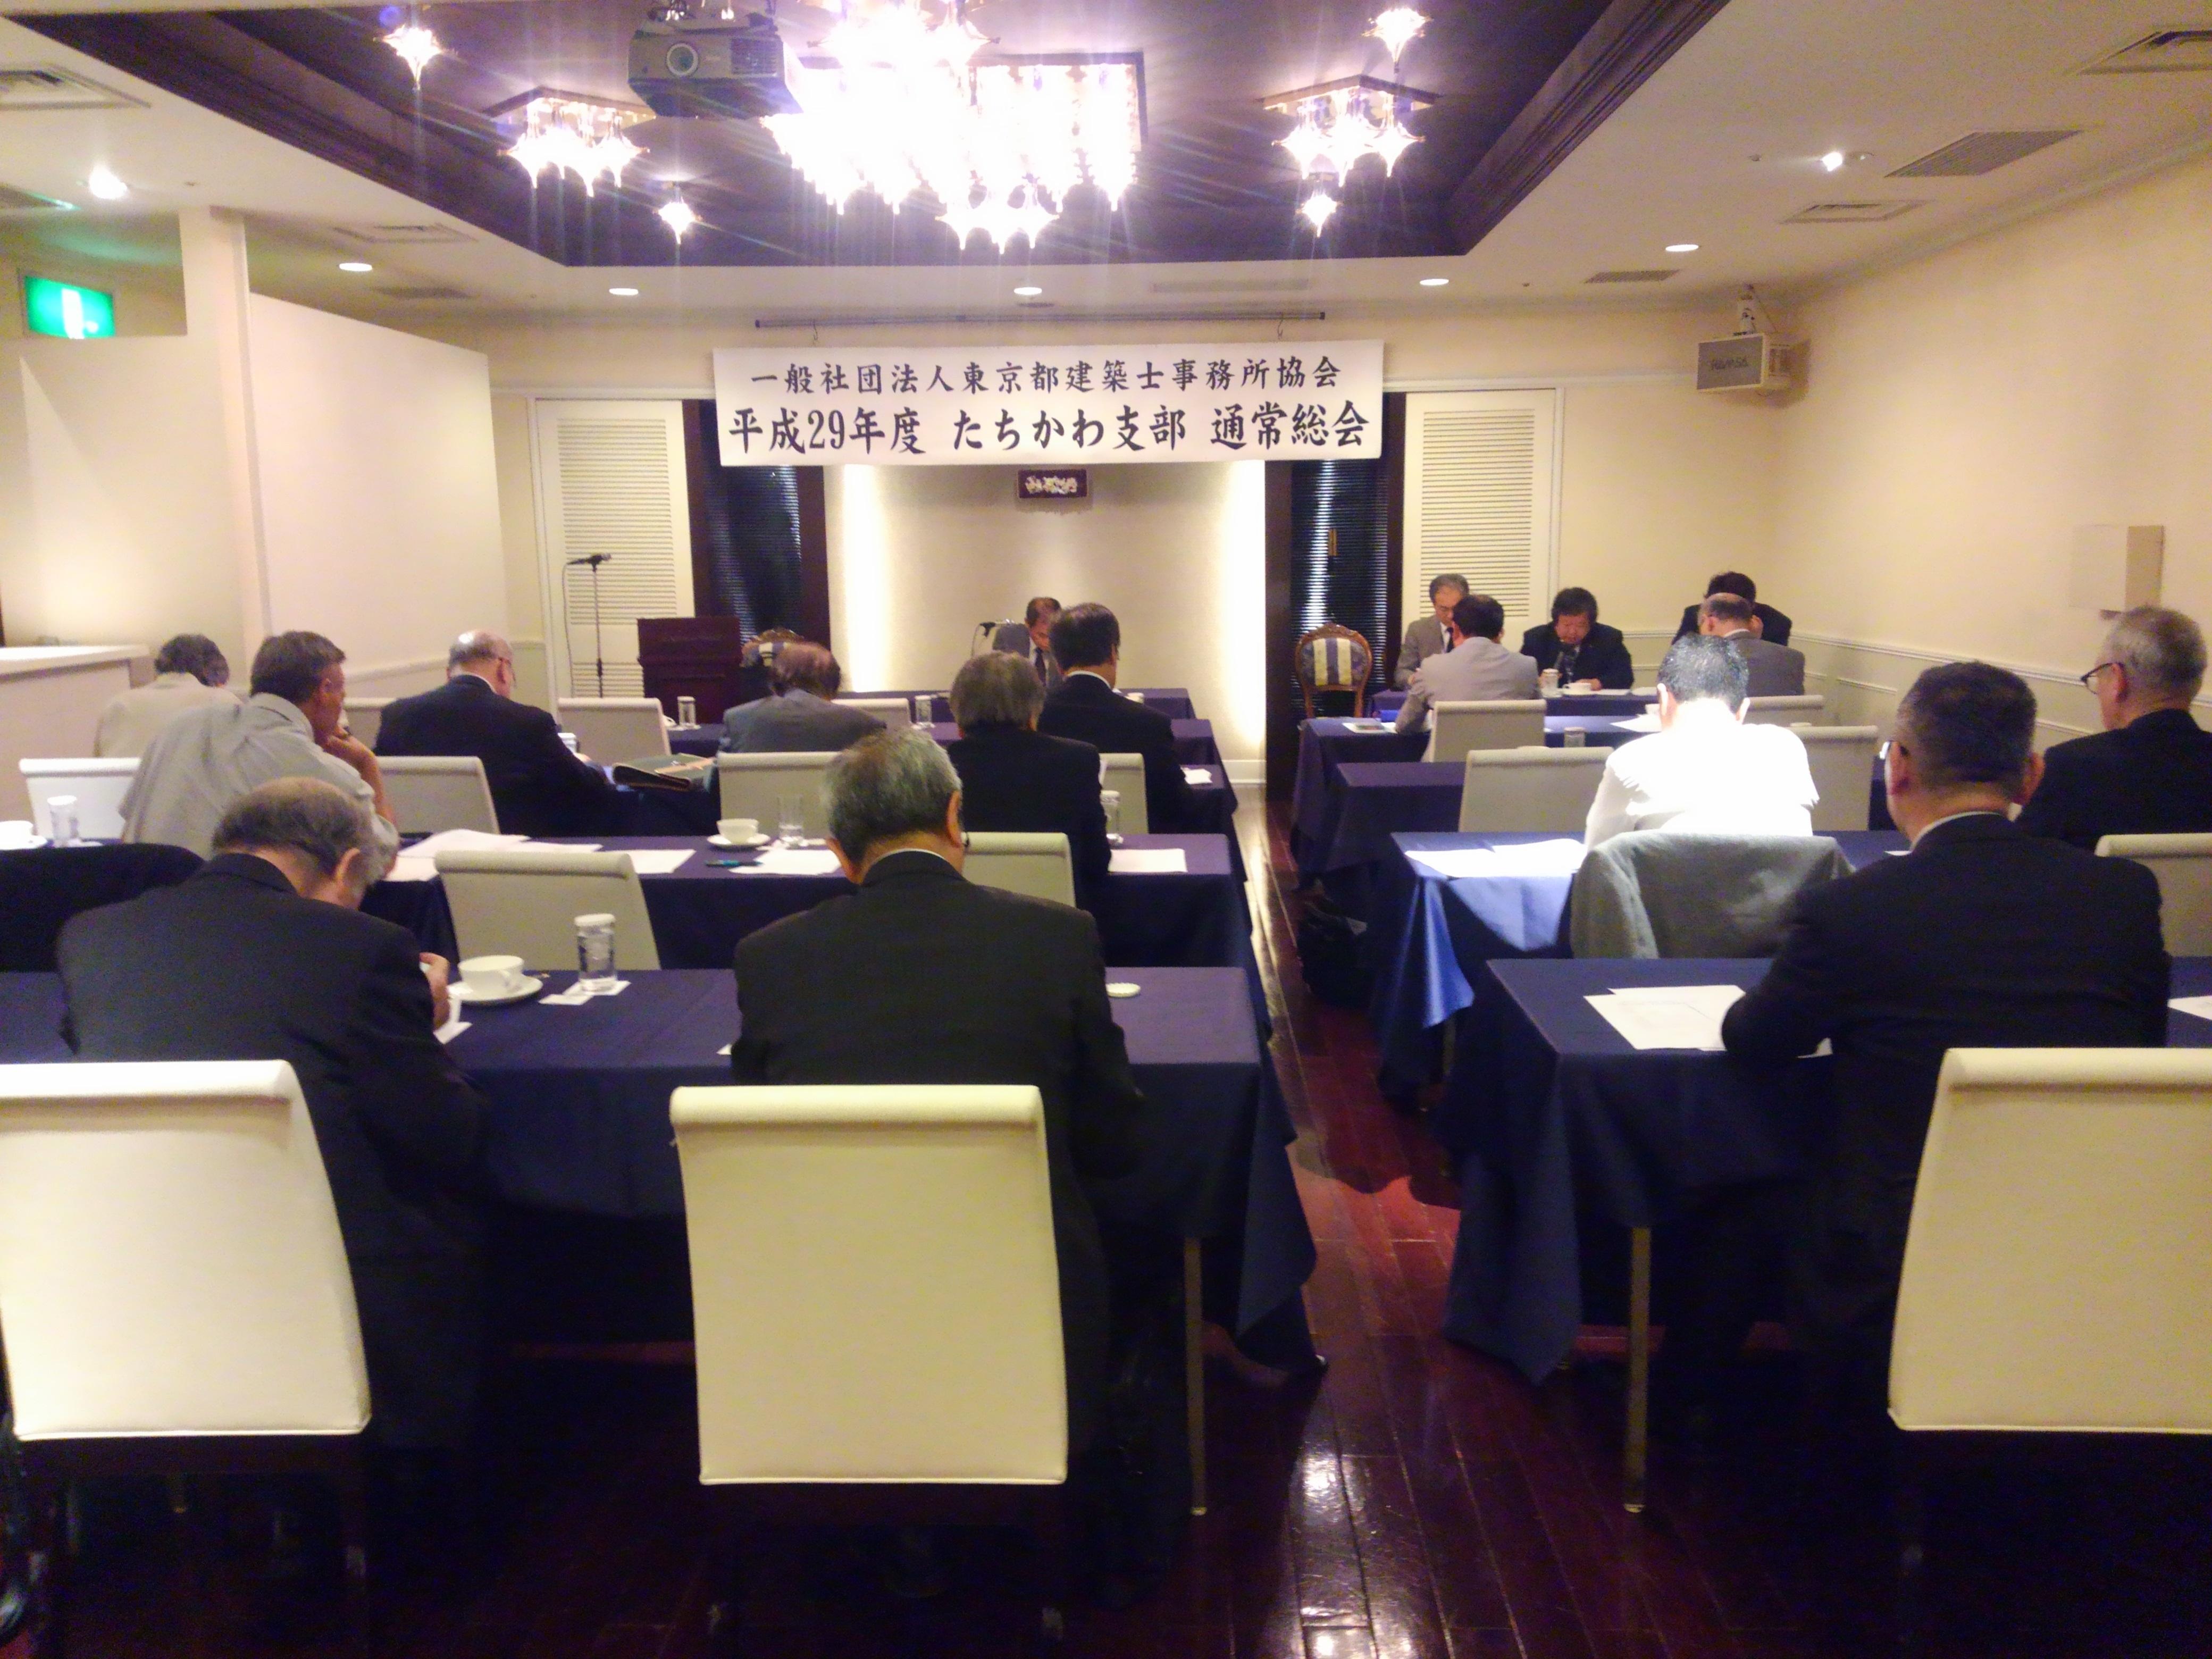 平成28年度、平成29年度 通常総会・懇親会が開催されました。